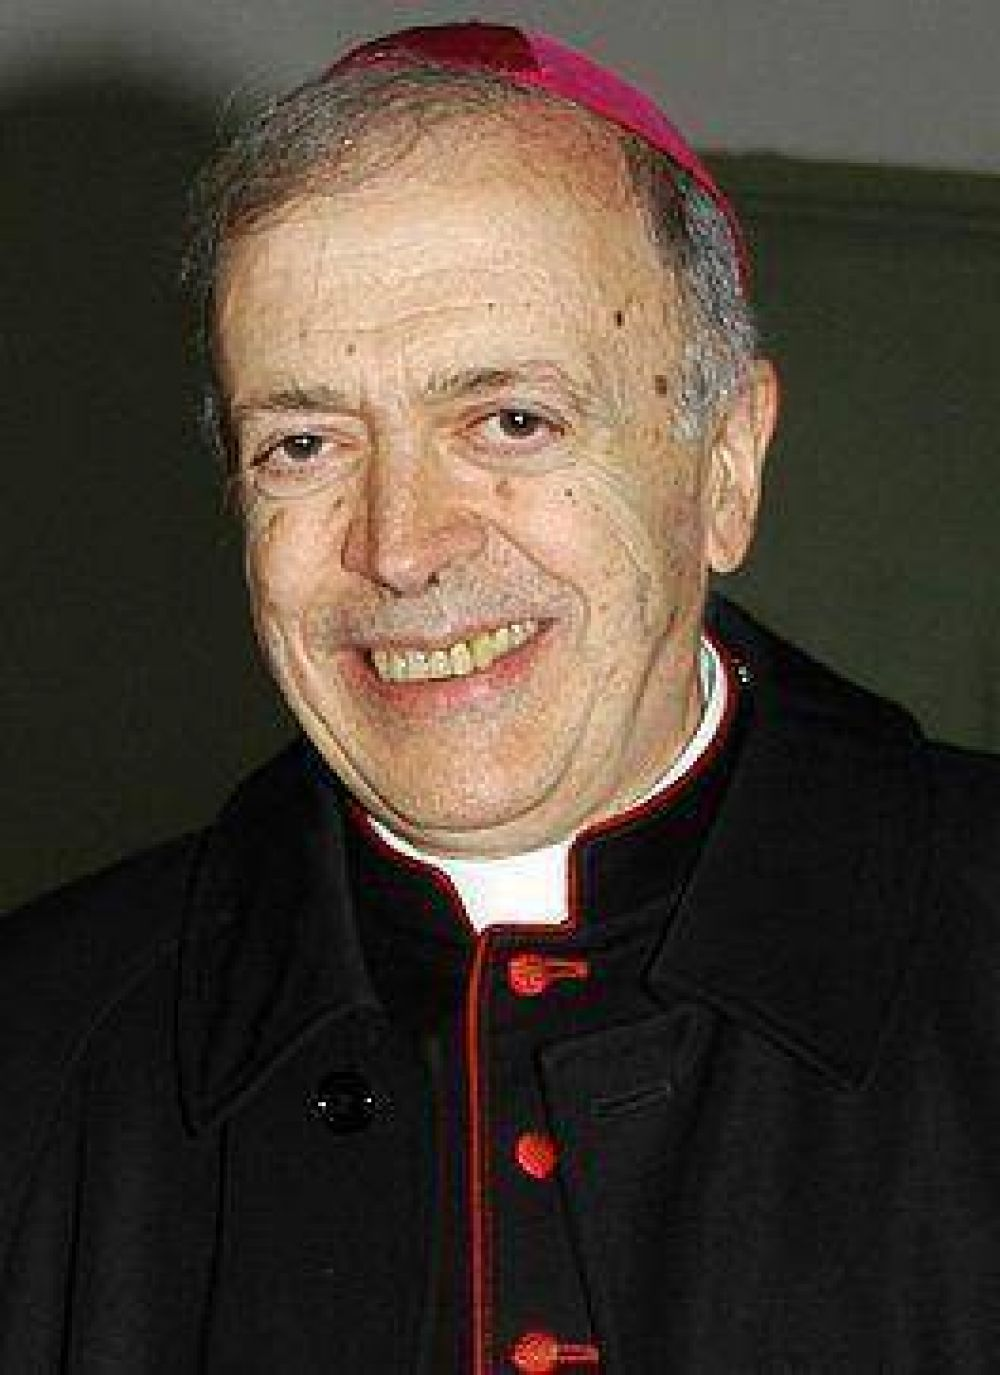 Monseñor Marino, fe y esperanza ante la dura realidad social en la ciudad